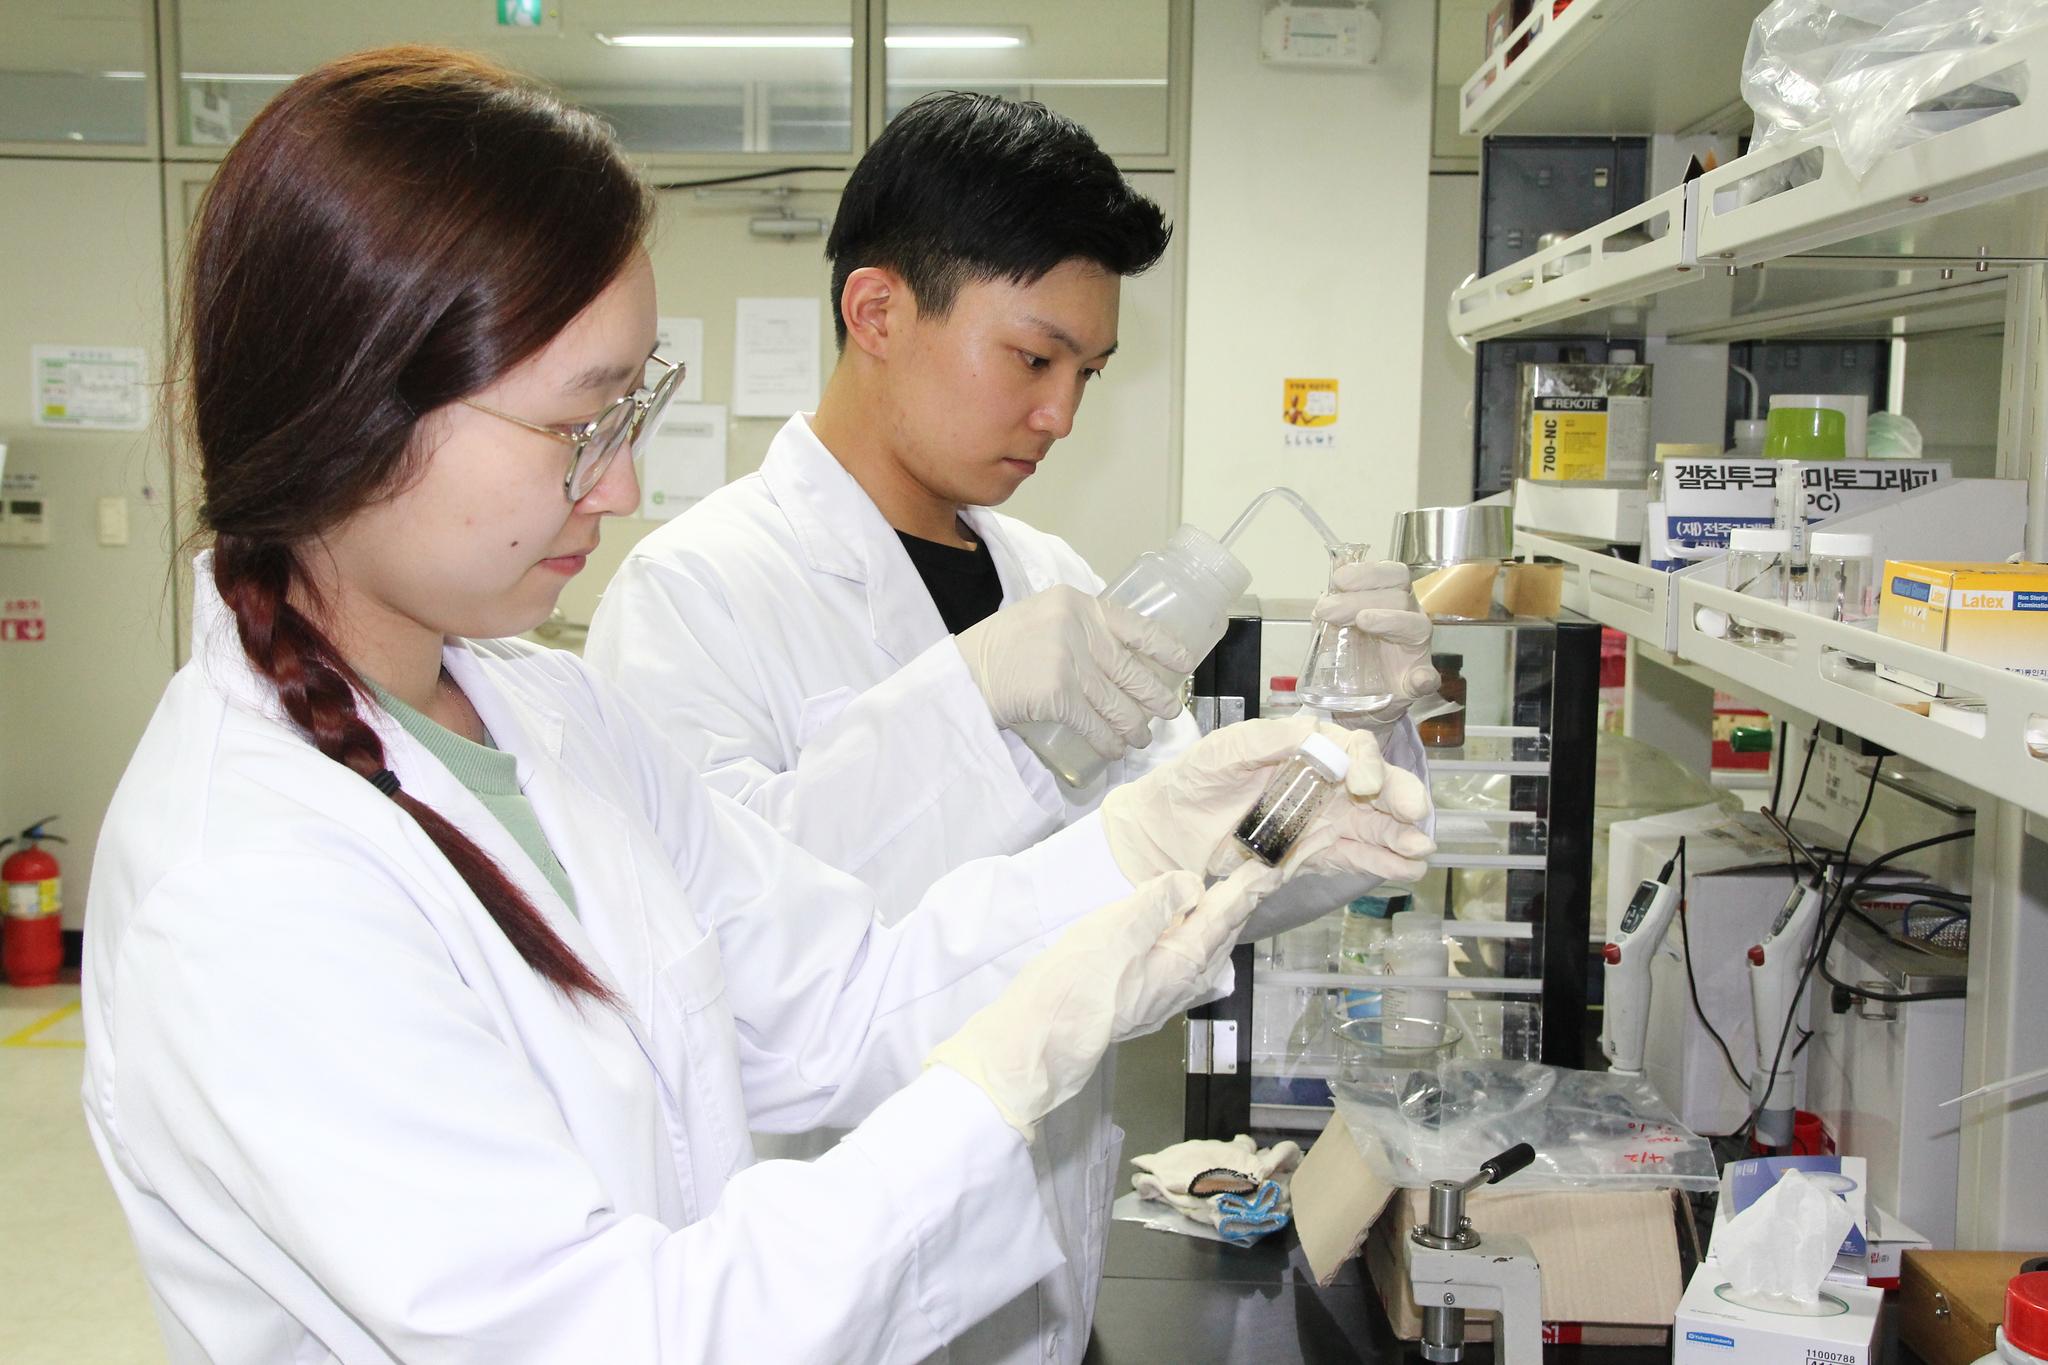 한국탄소융합기술원 연구원들이 탄소섬유 생산을 위한 실험에 몰두하고 있다. [사진 한국탄소융합기술원}